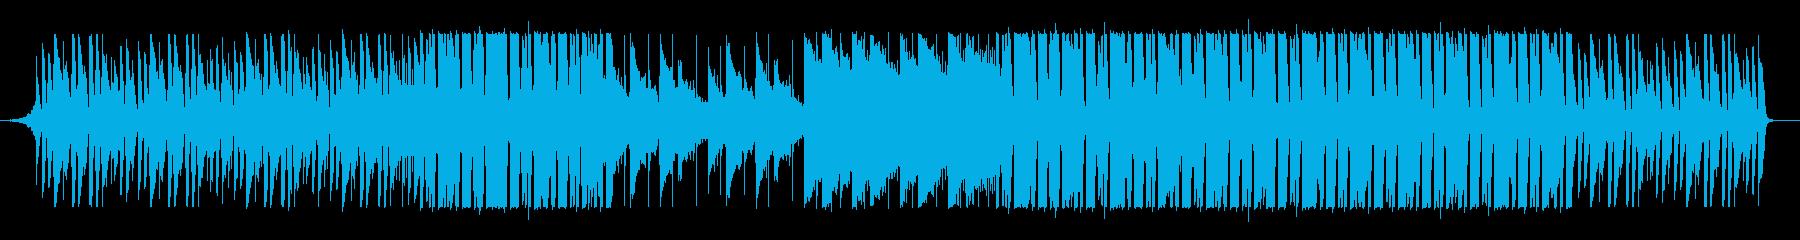 ノスタルジックで楽しげなHipHopの再生済みの波形